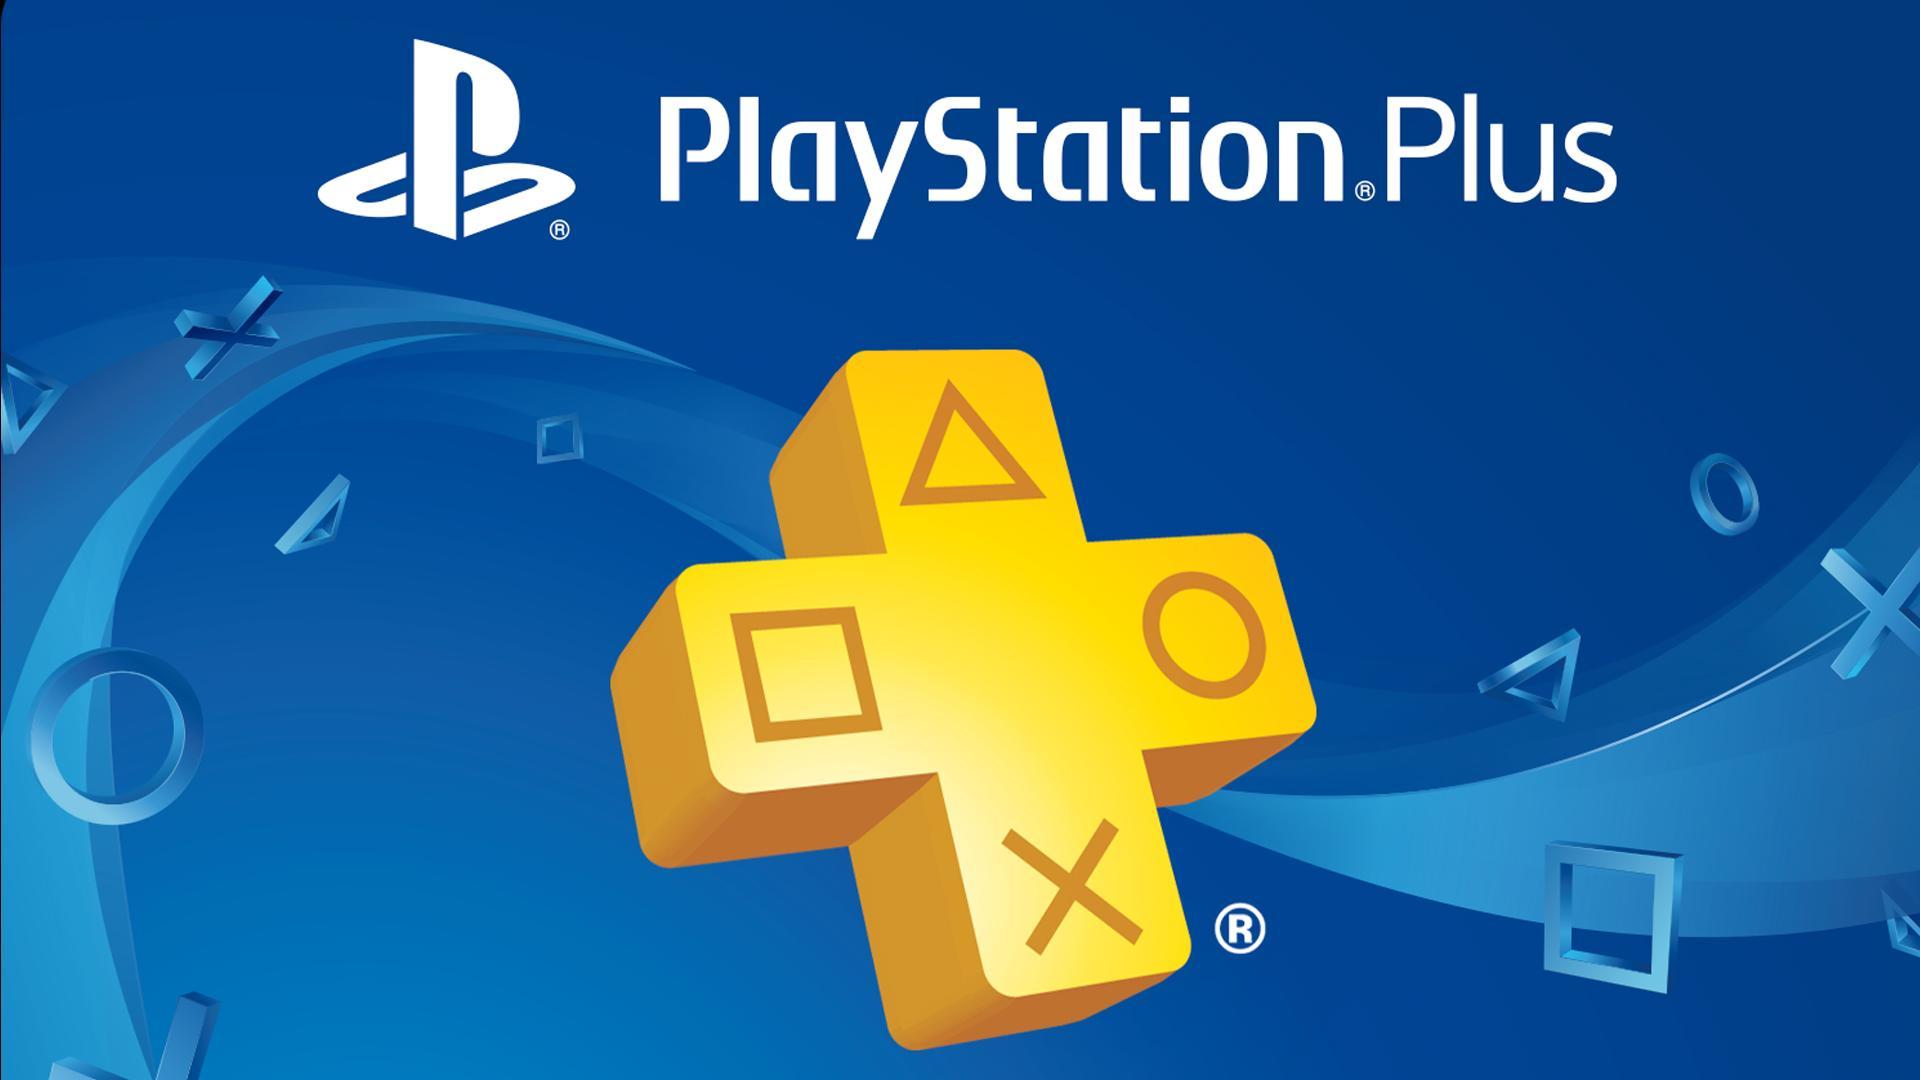 Os assinantes da PlayStation Plus estão esperando ansiosamente que a Sony revele os jogos gratuitos de maio de 2020 para os jogadores de PS4.